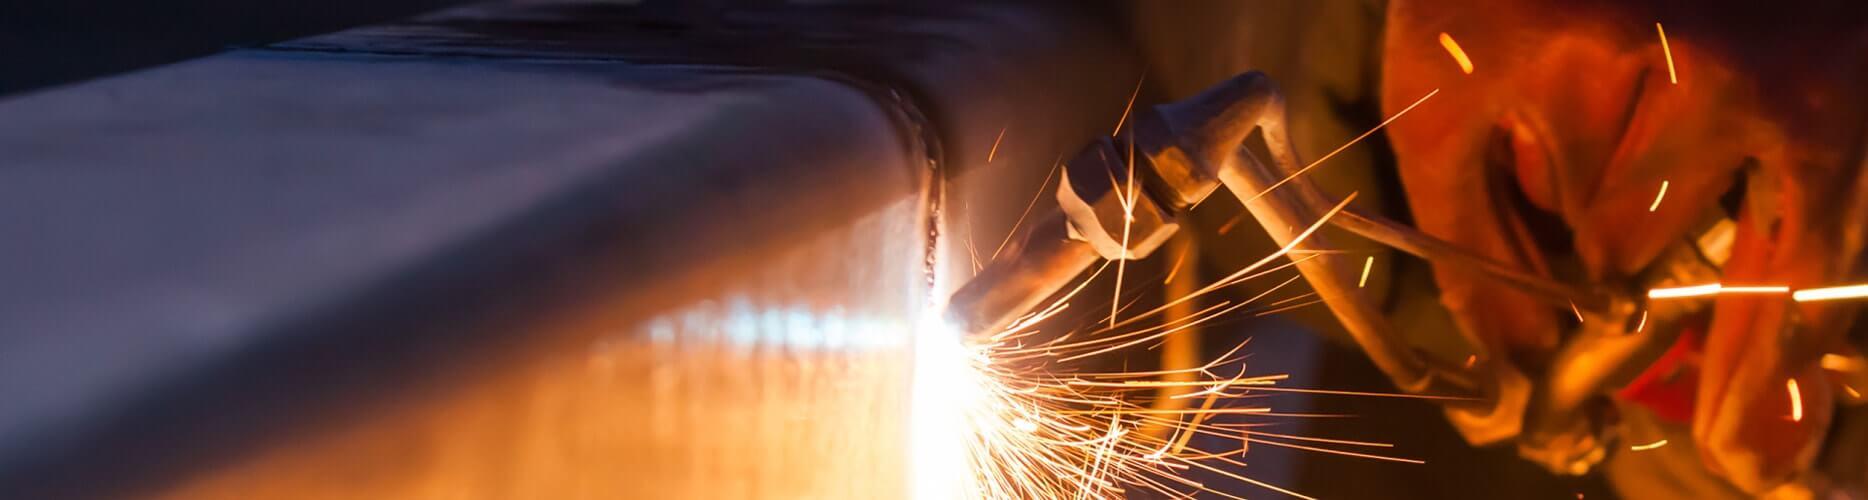 welding2-min